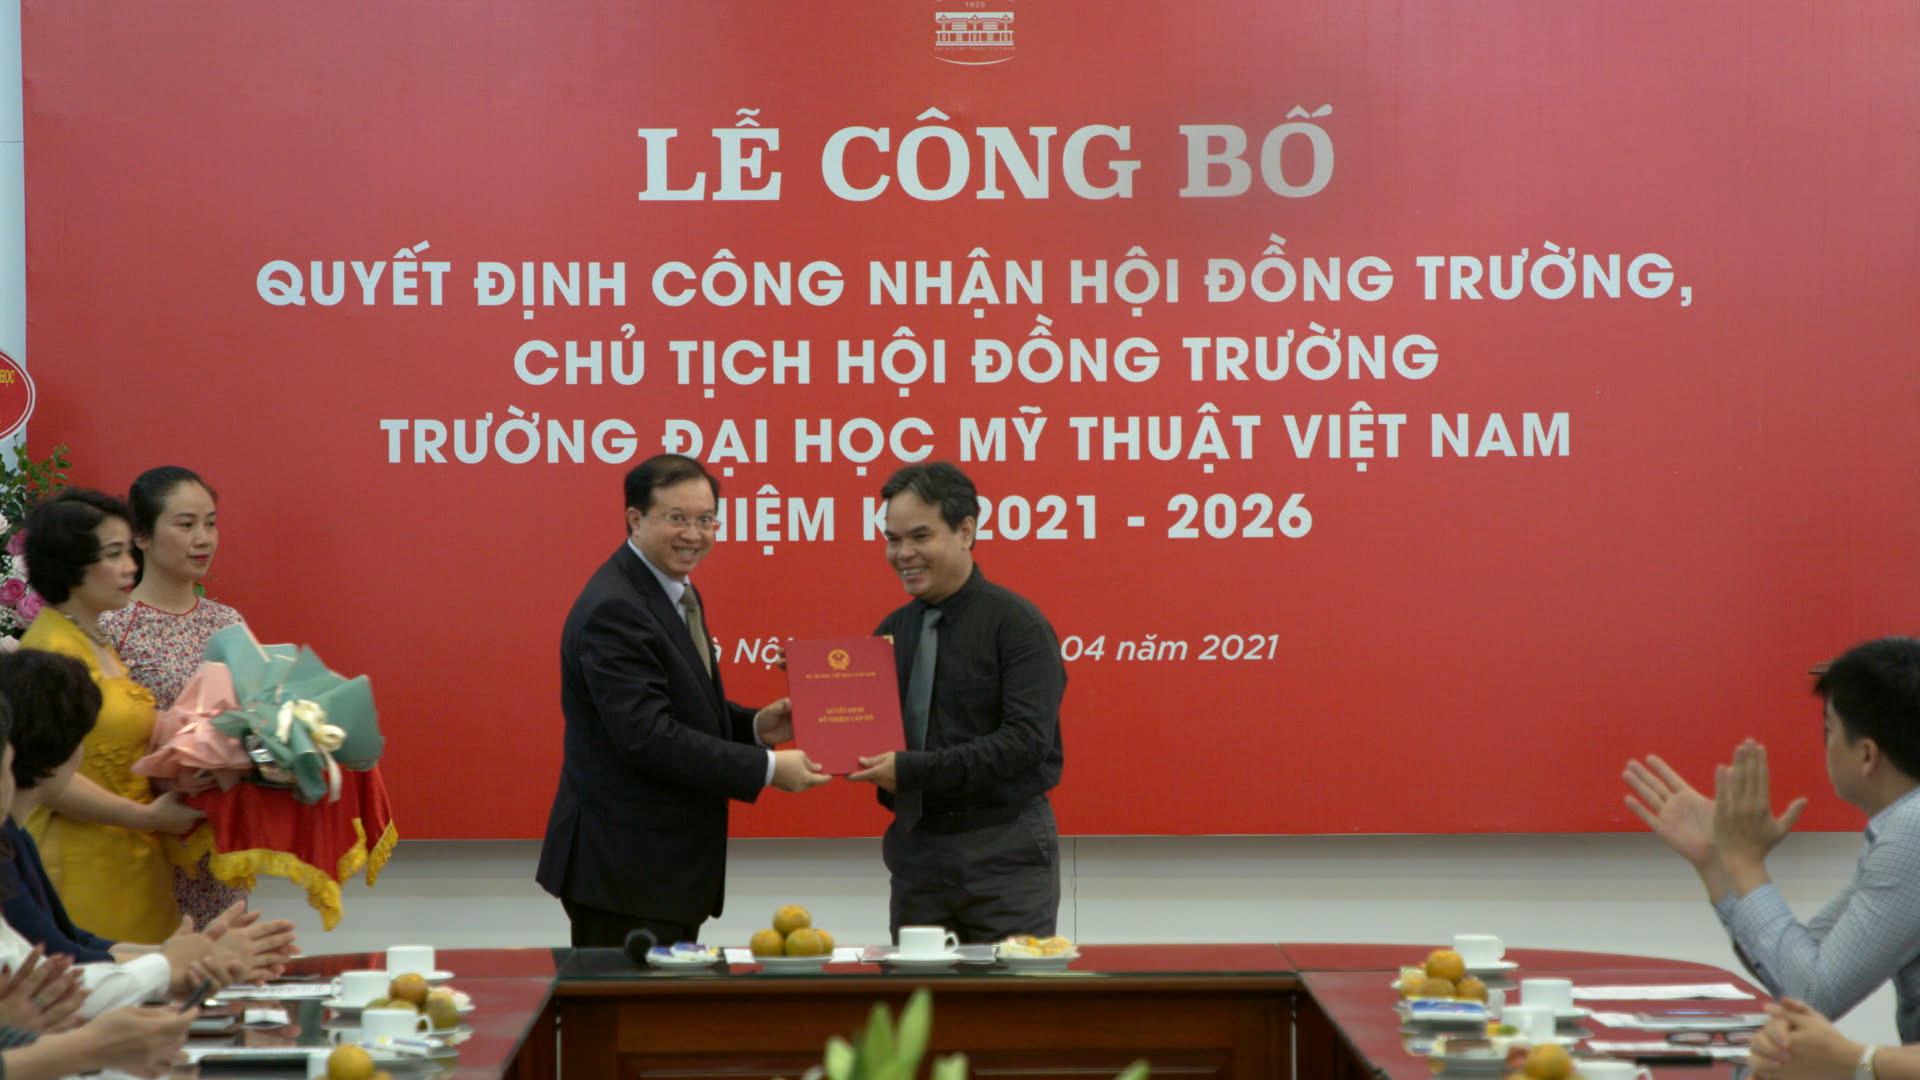 Công bố Quyết định công nhận Hội đồng trường Đại học Mỹ thuật Việt Nam nhiệm kỳ 2021 – 2026 - Ảnh 2.